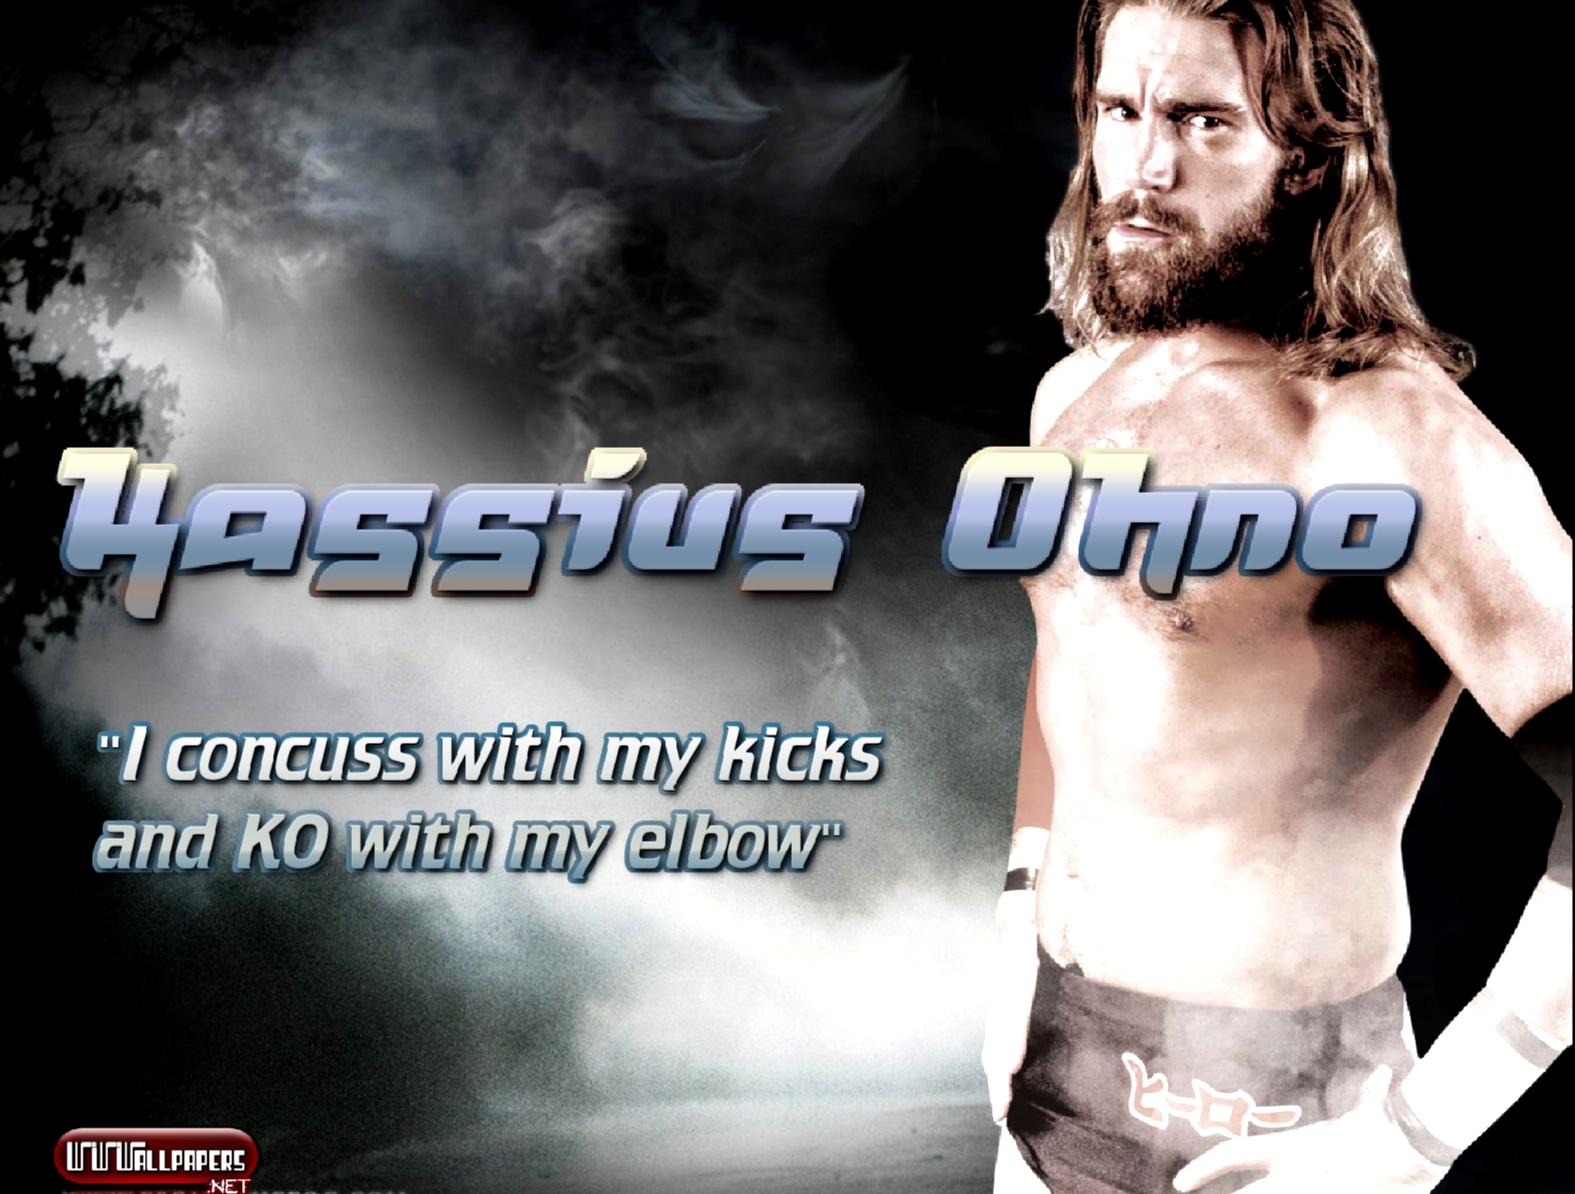 http://3.bp.blogspot.com/-_0Ppxl9hMTs/T9ixDcaKiGI/AAAAAAAACMY/vRJ_sFsvhY0/s1600/Kassius+ohno+chris+hero+wallpaper+wwe.jpg